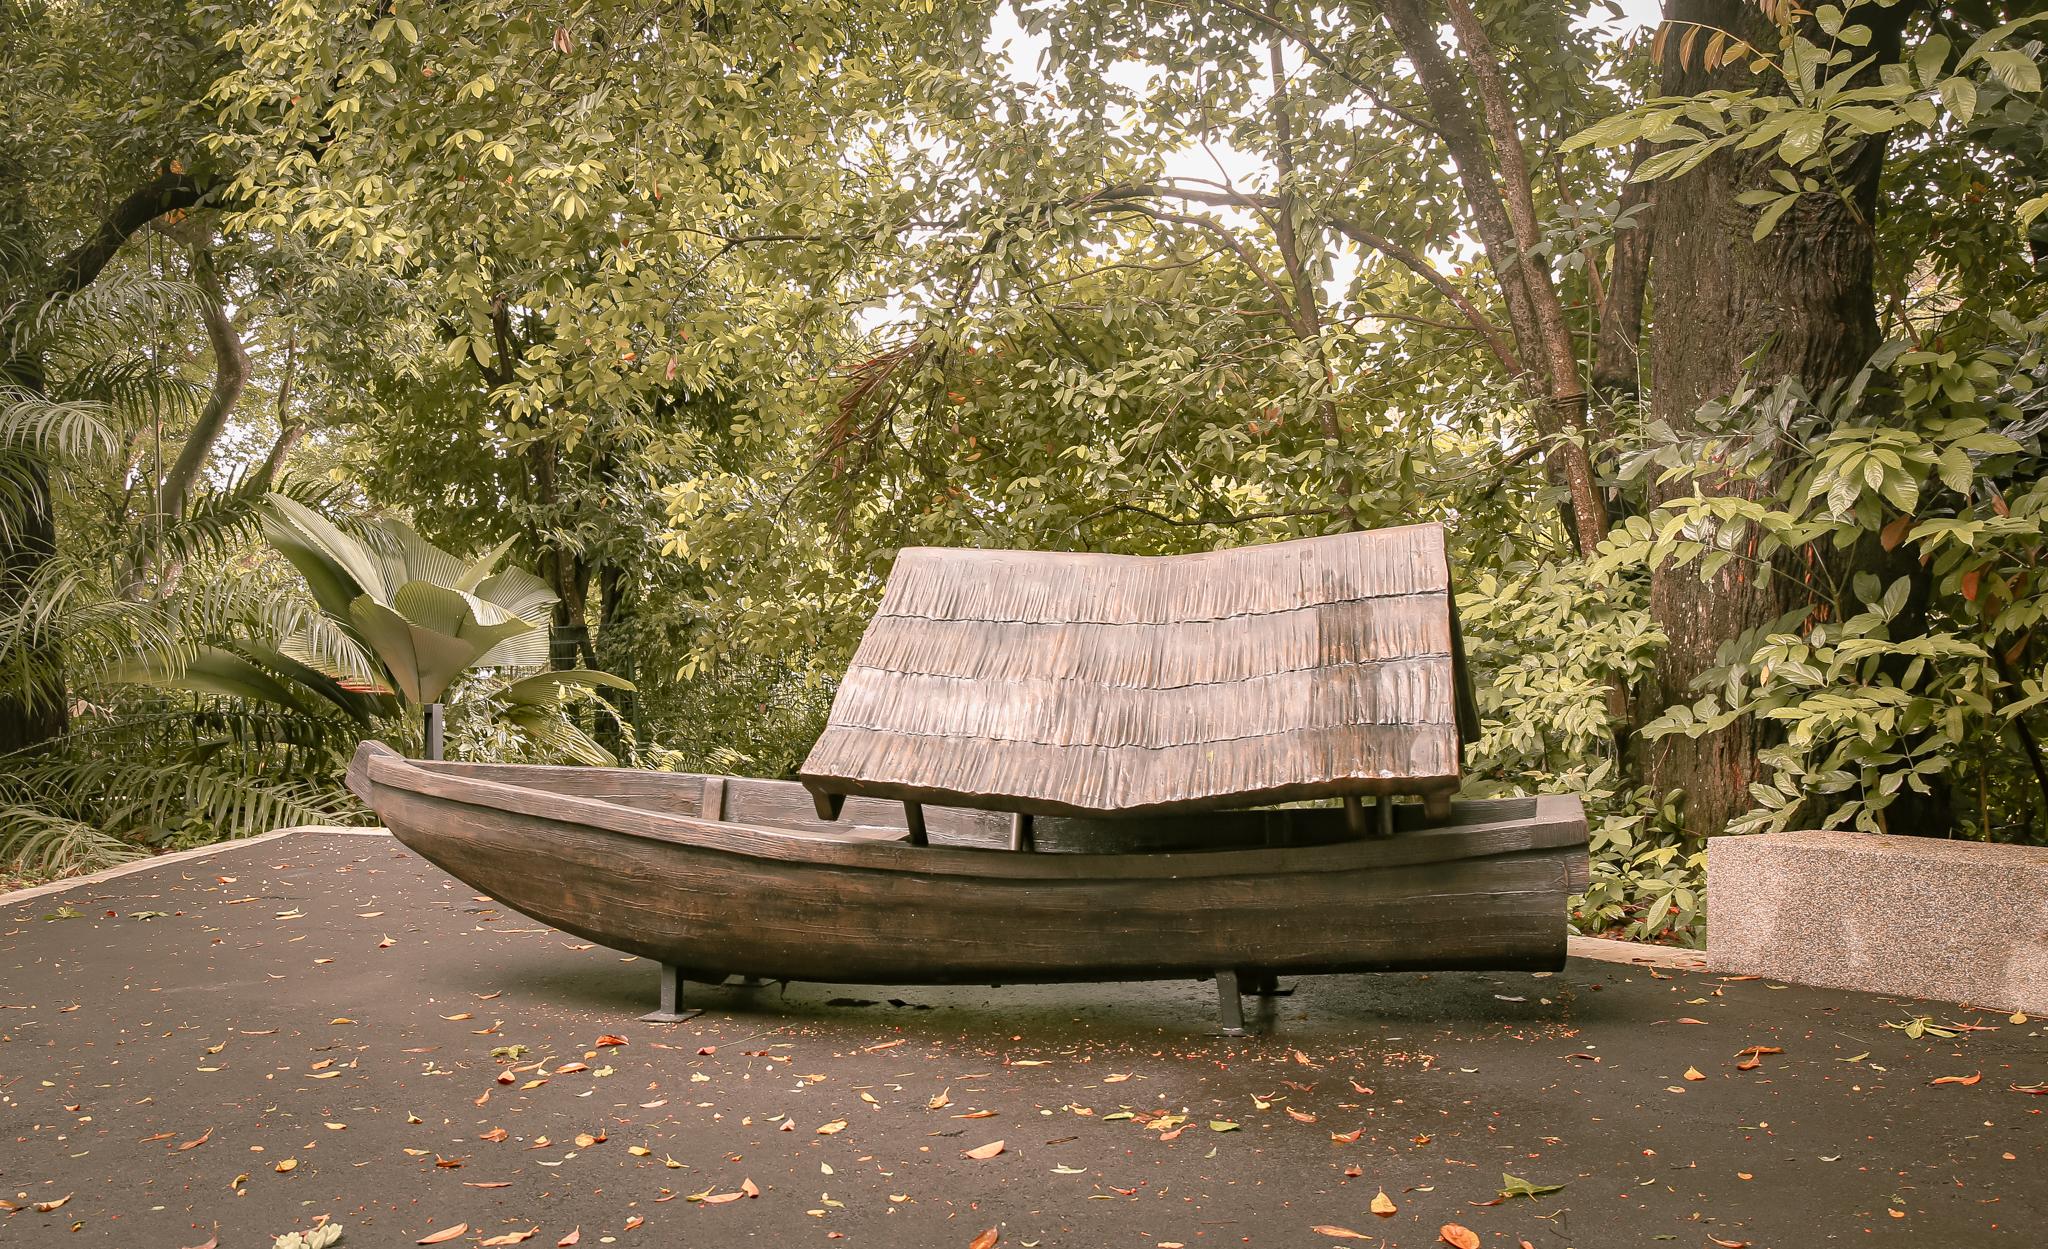 houseboat-reflections-at-bukit-chandu